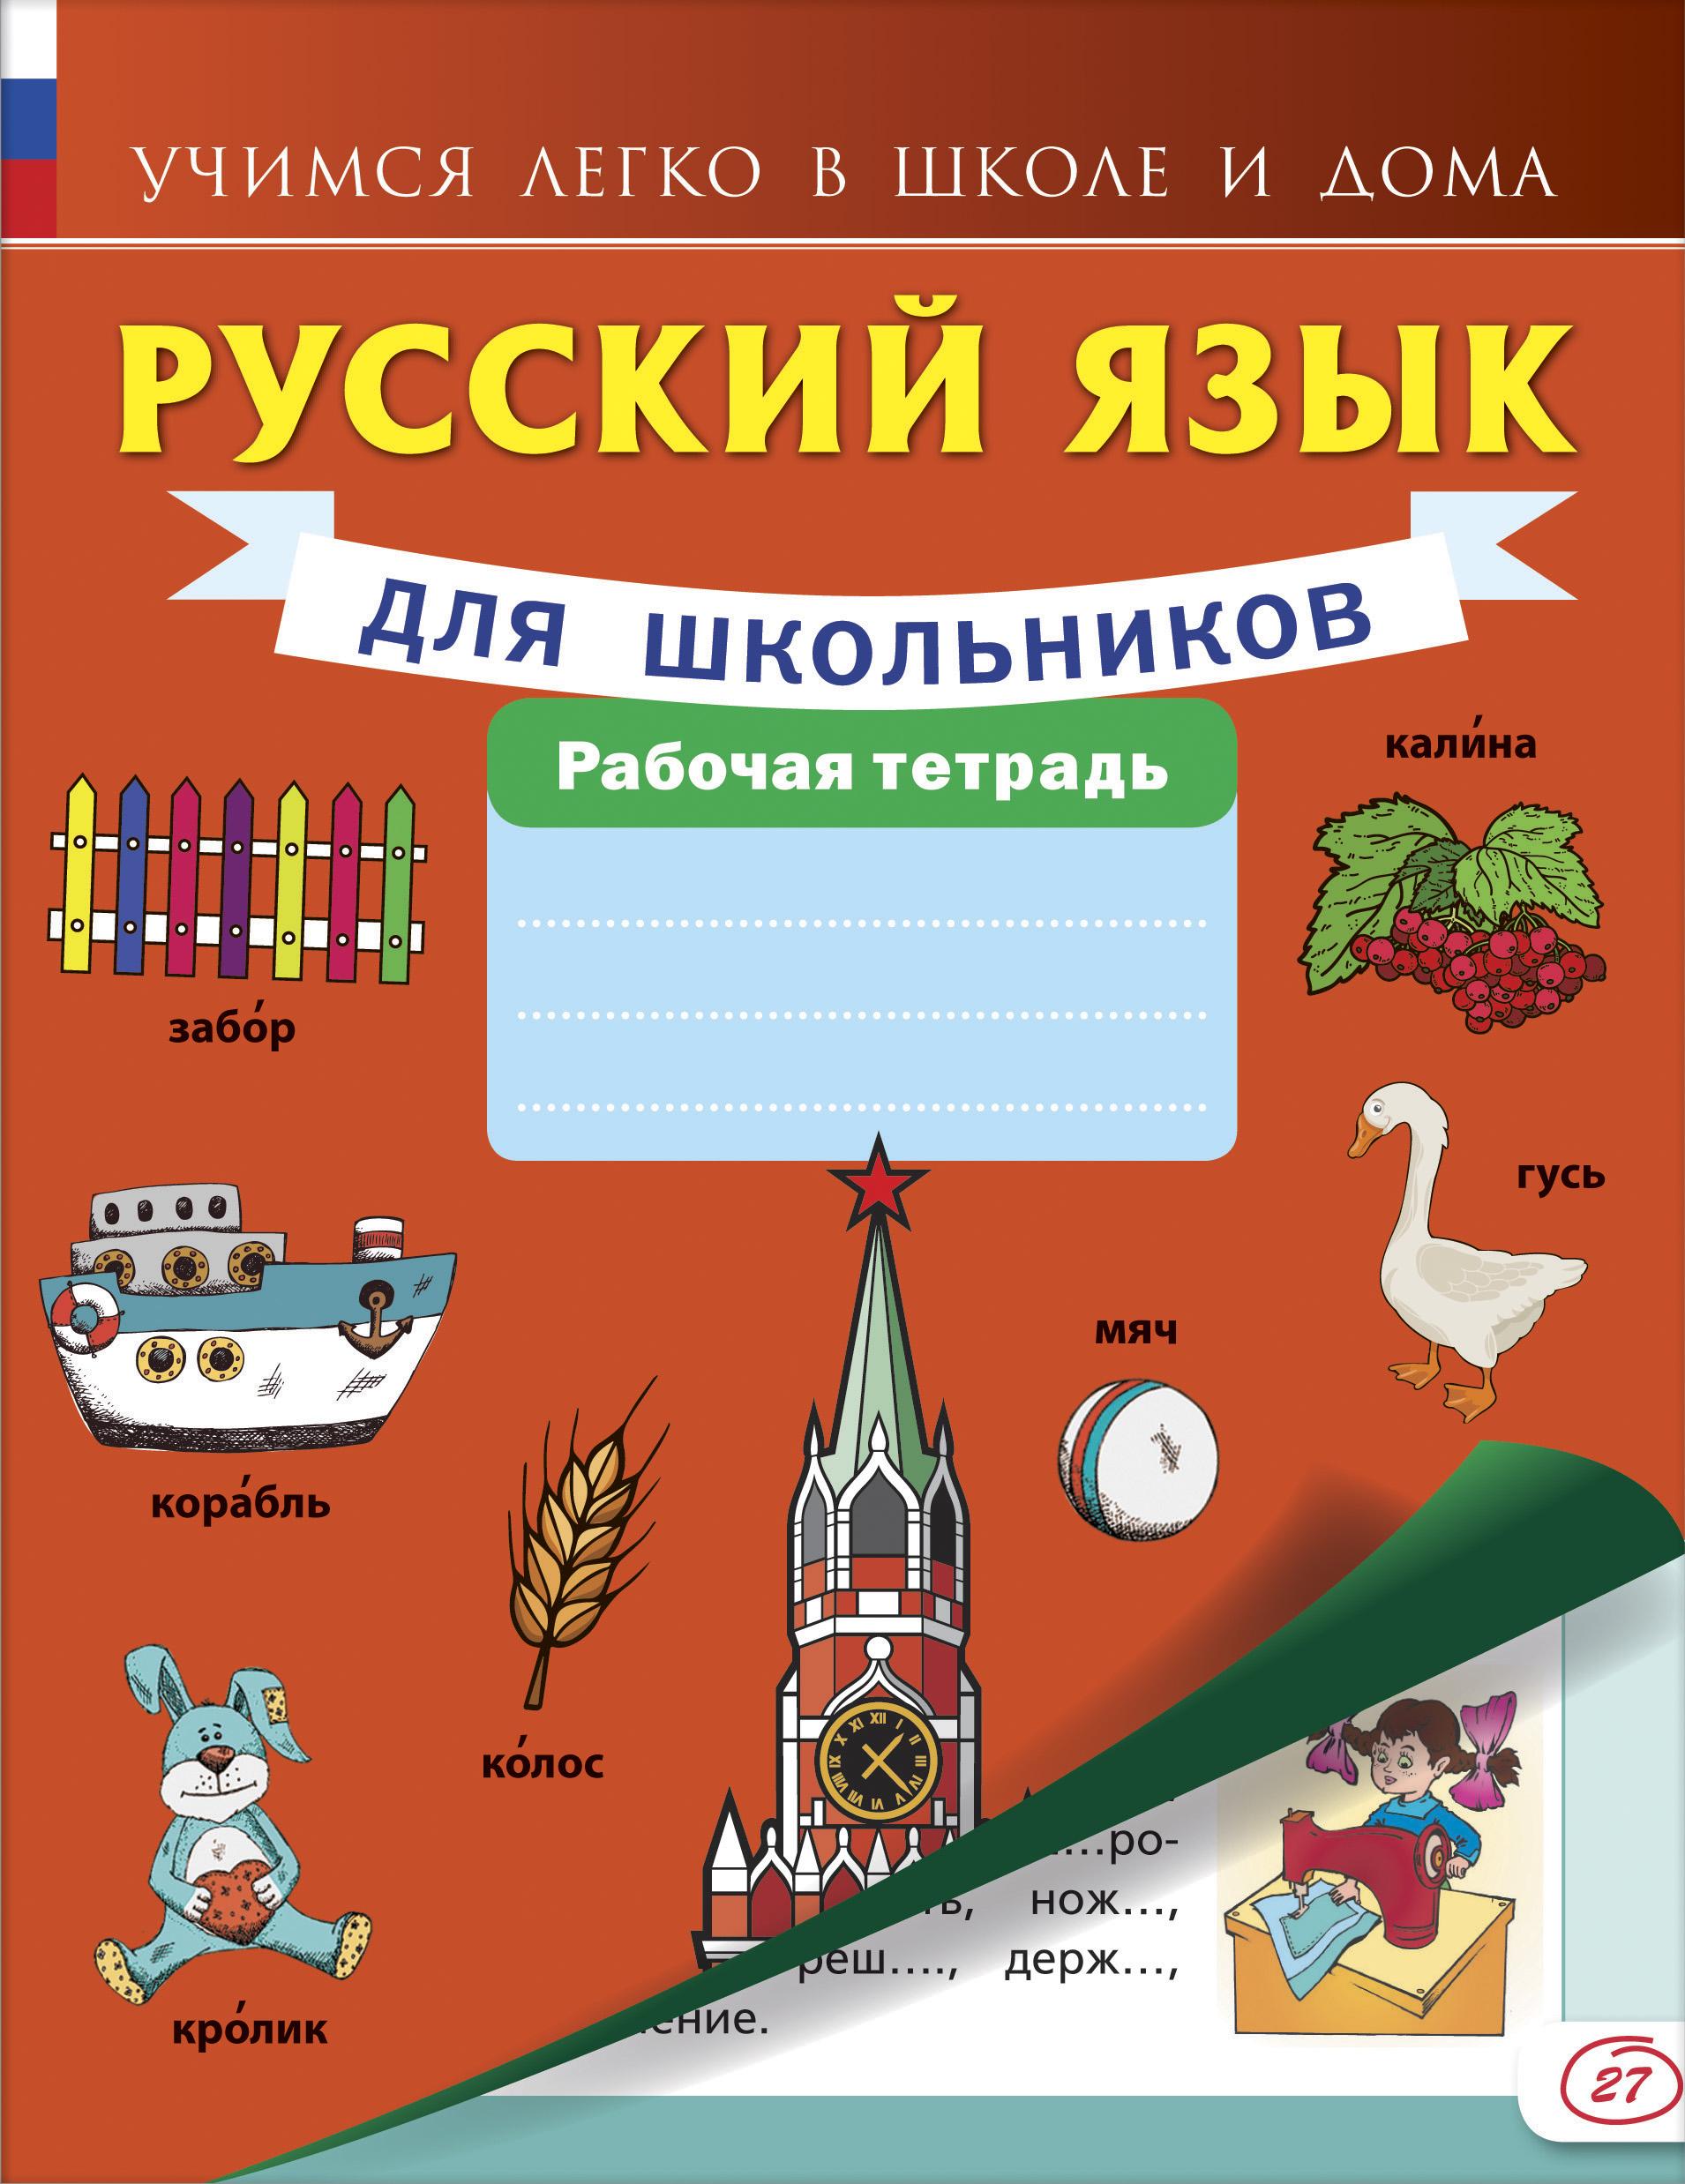 . Русский язык для школьников. Рабочая тетрадь